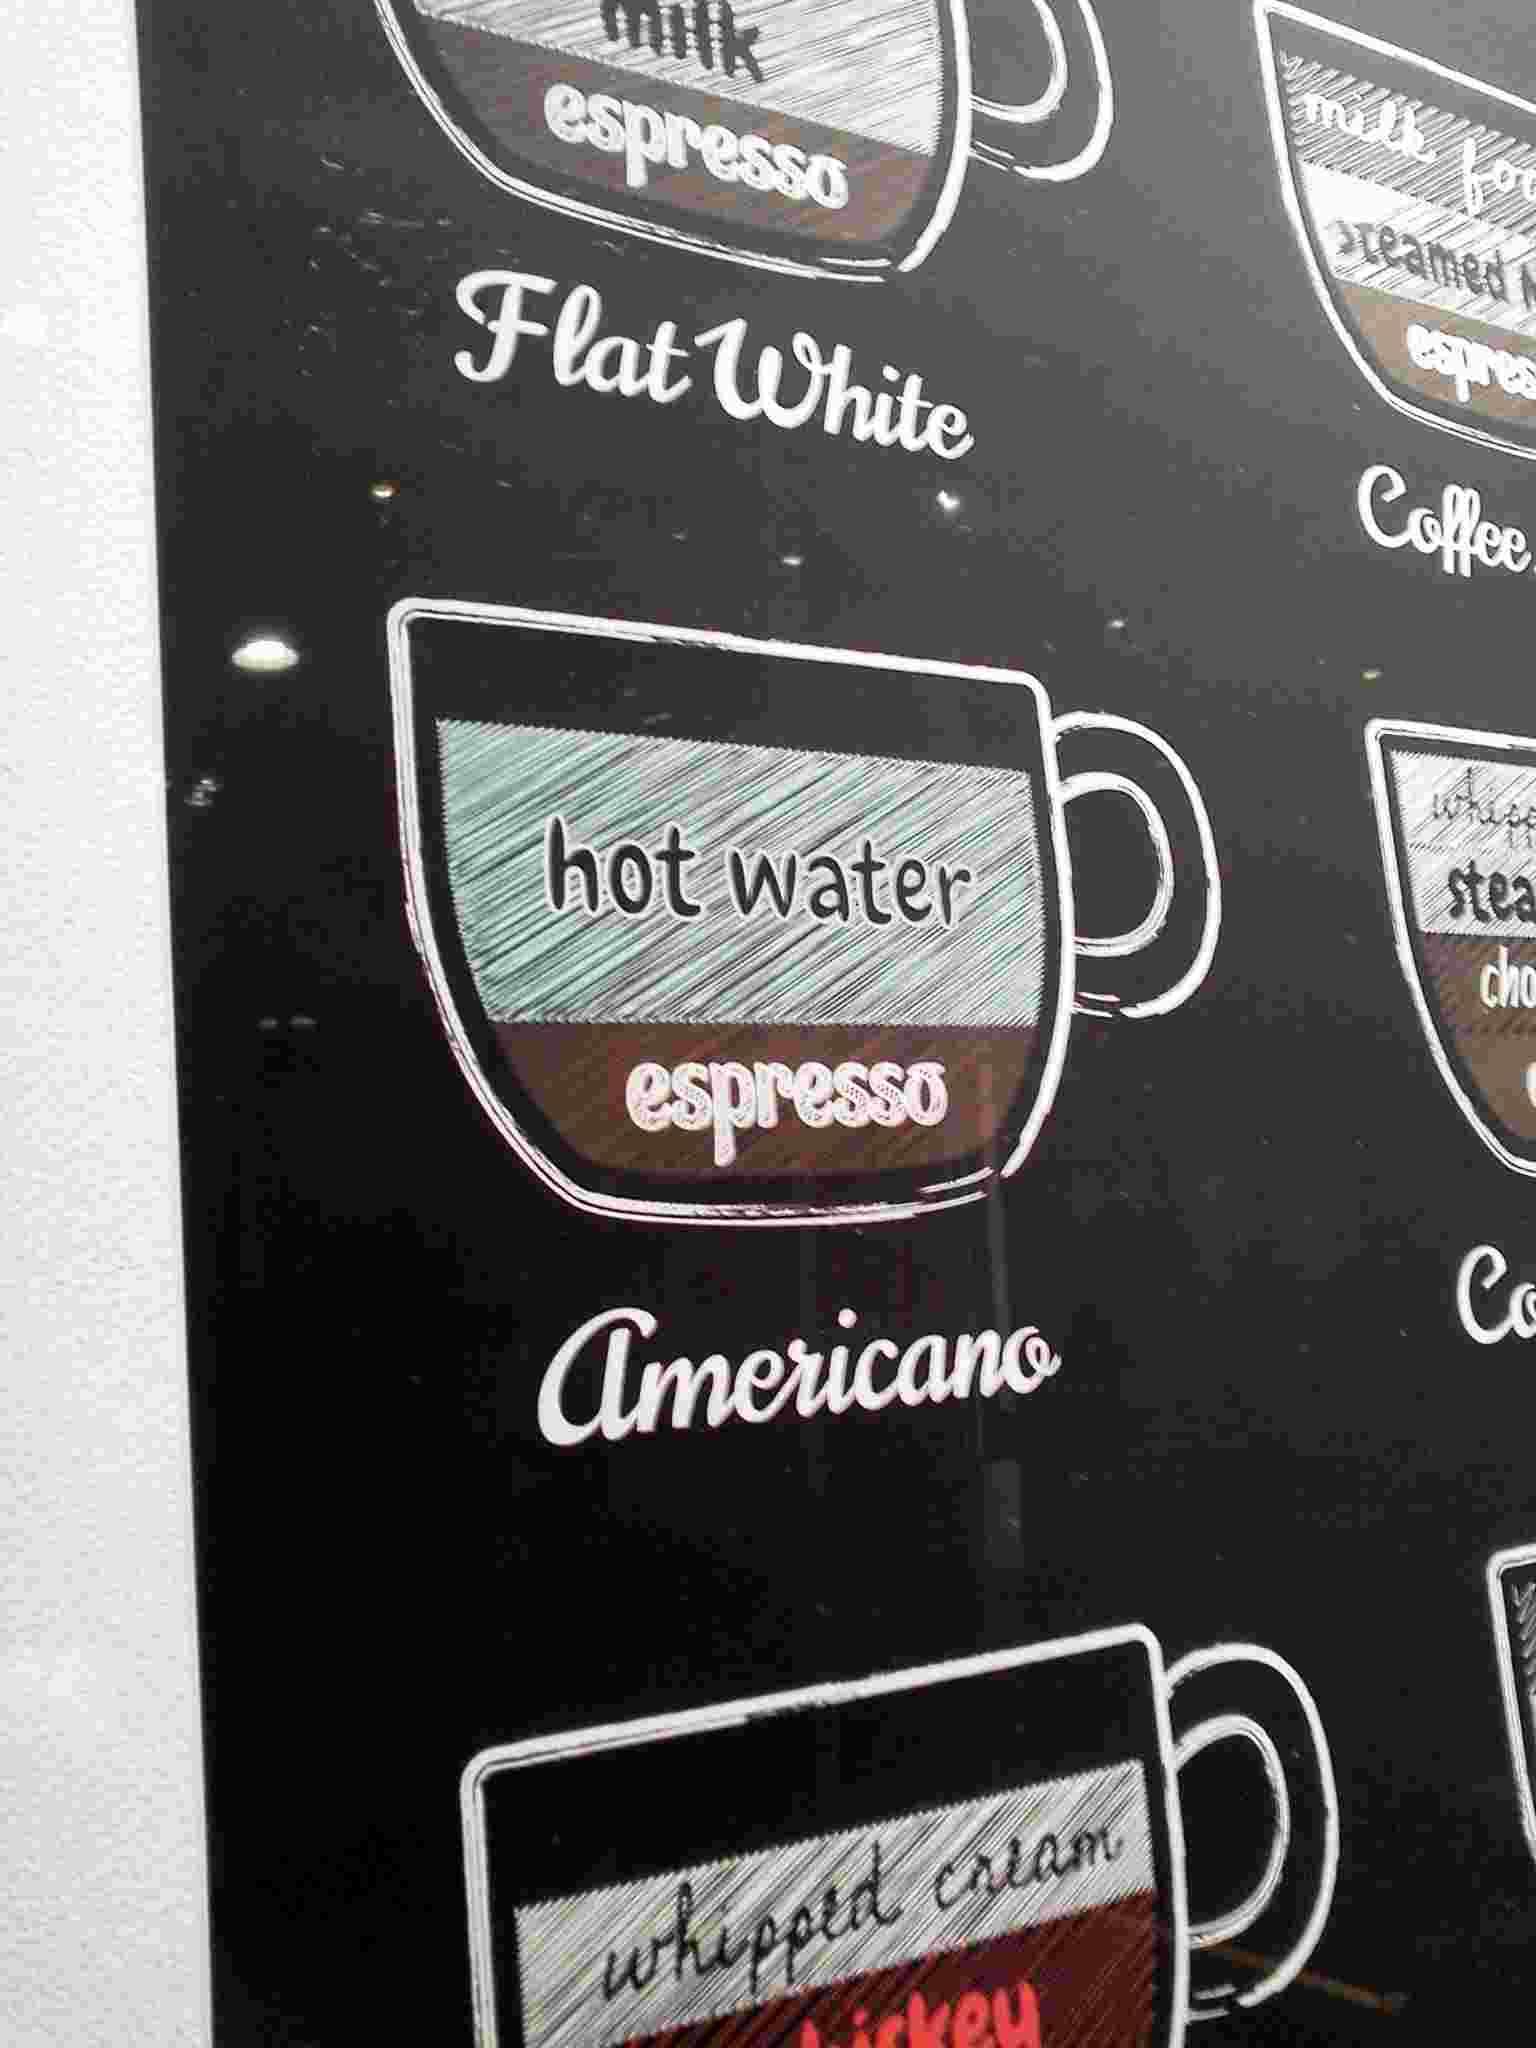 アメリカンコーヒーは_d0338347_15460719.jpg